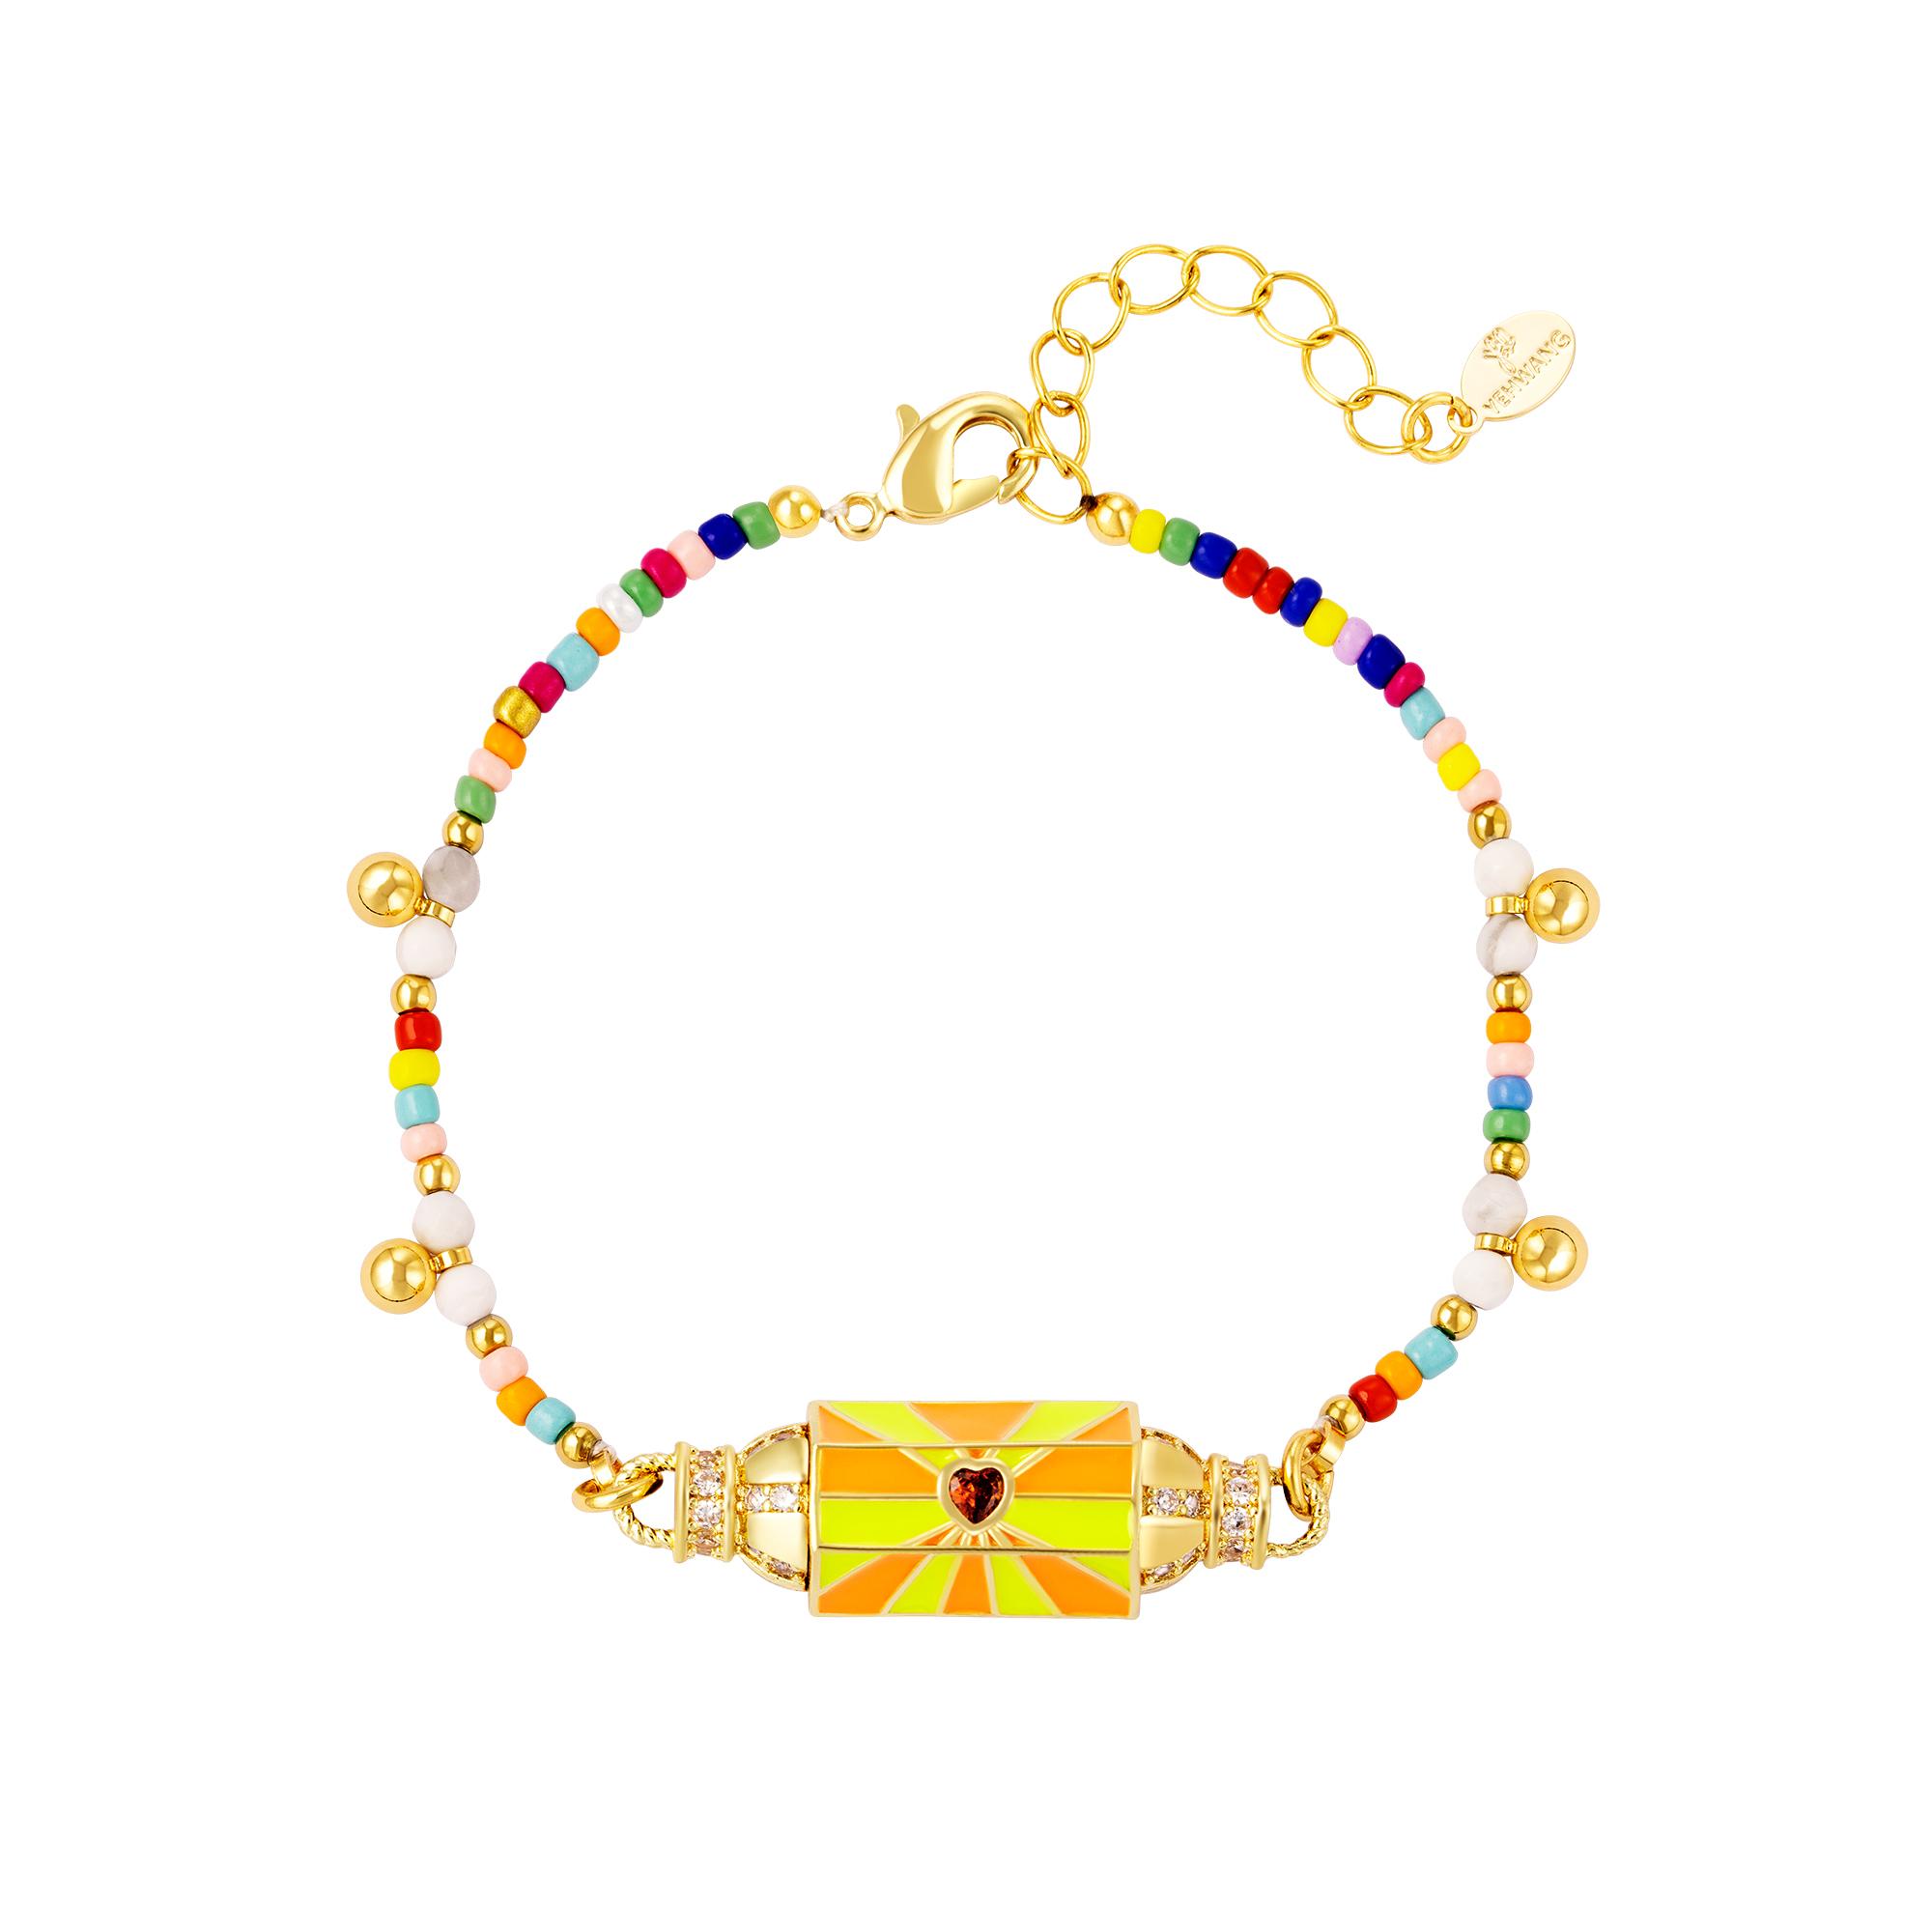 Mehrfarbig vergoldetes armband